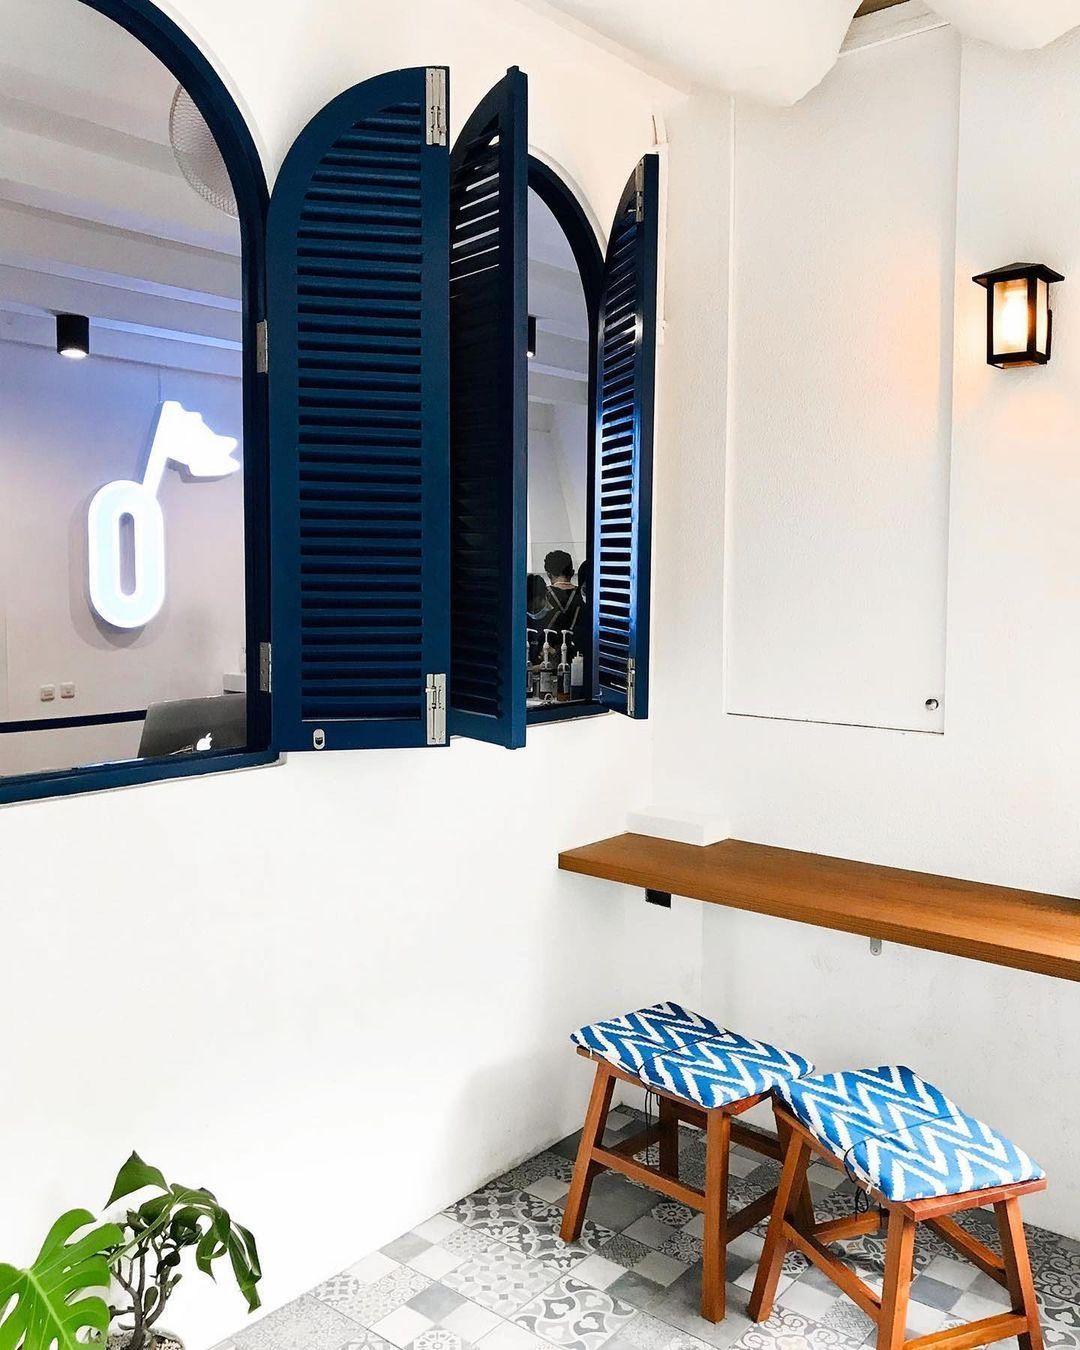 Viral di TikTok, 5 Kafe Ini Jadi Incaran Milenial Buat Nongkrong